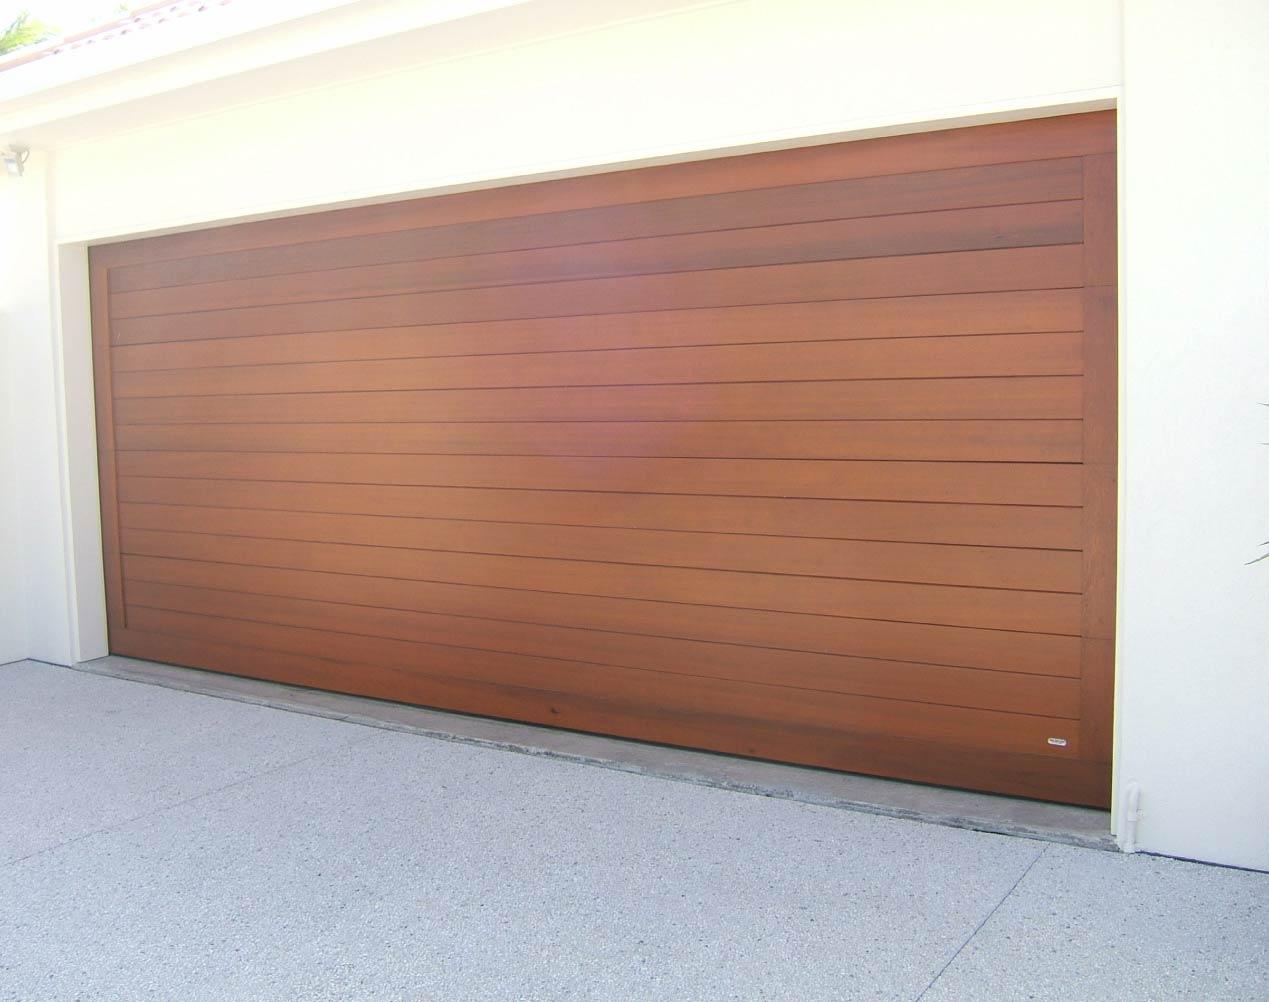 Queensland custom garage door gallery noosa garage doors for 18 x 8 garage door screen